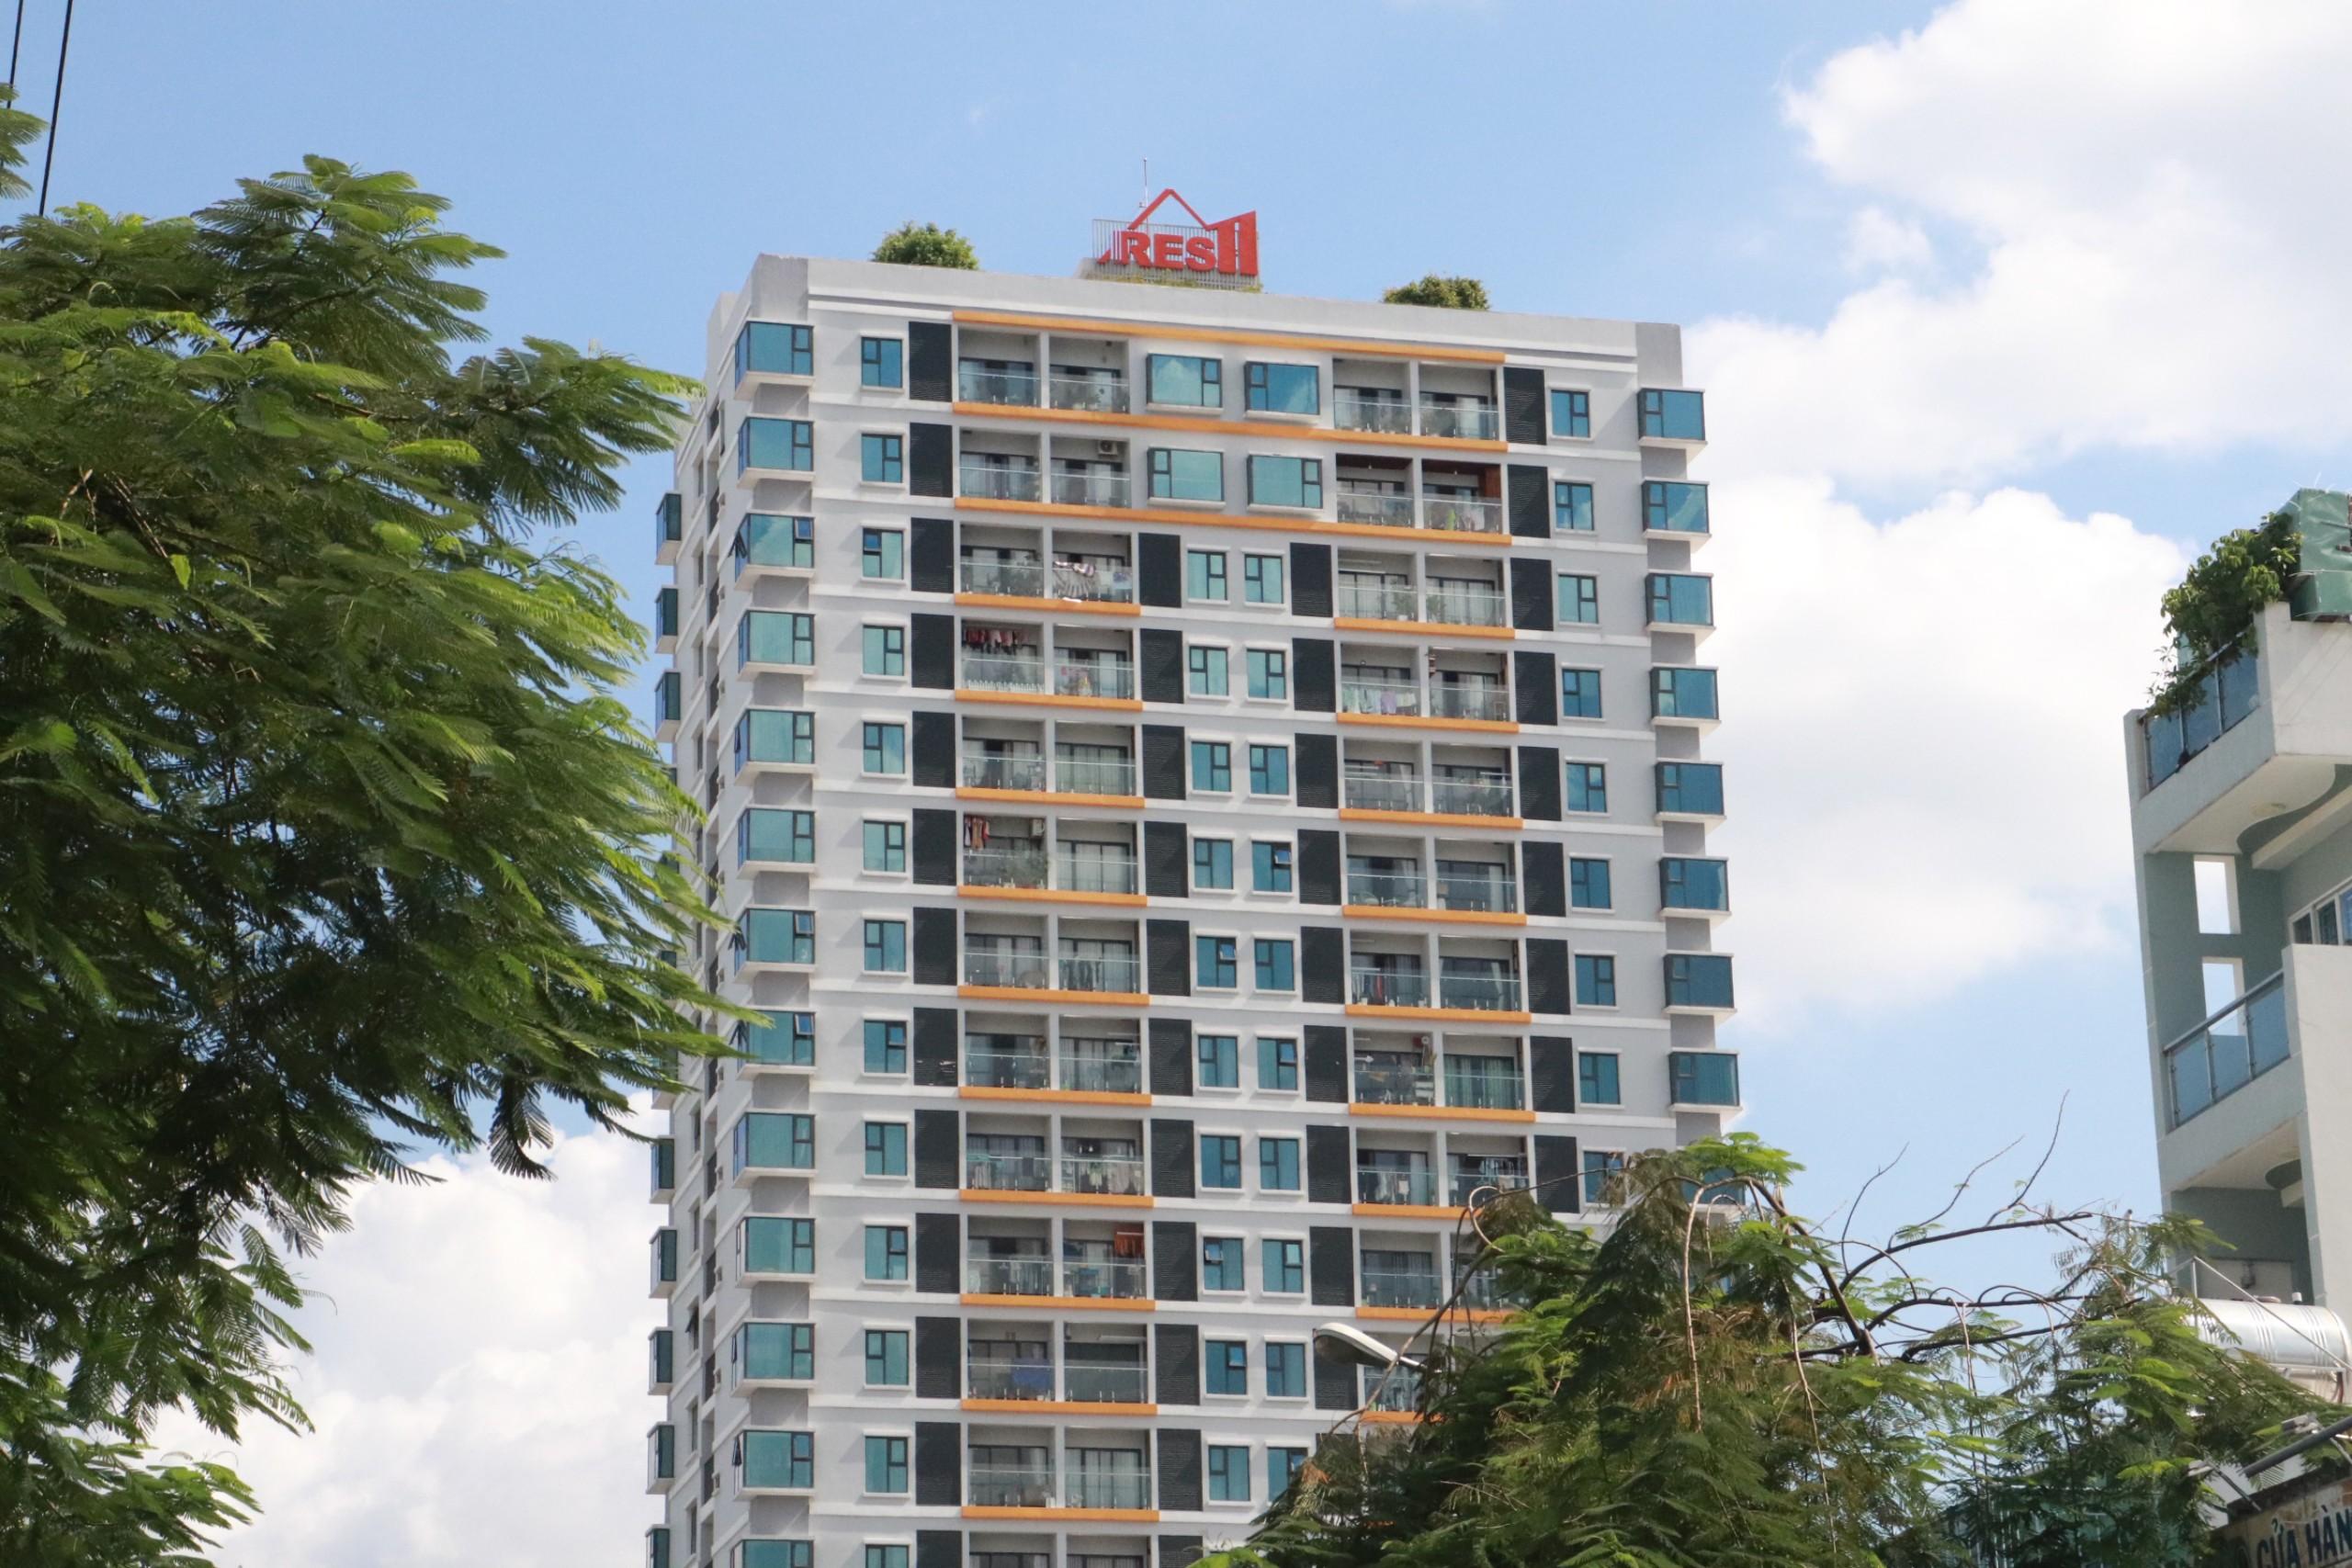 TP HCM thu thuế cho thuê căn hộ chung cư, người cho thuê nói gì? - Ảnh 2.